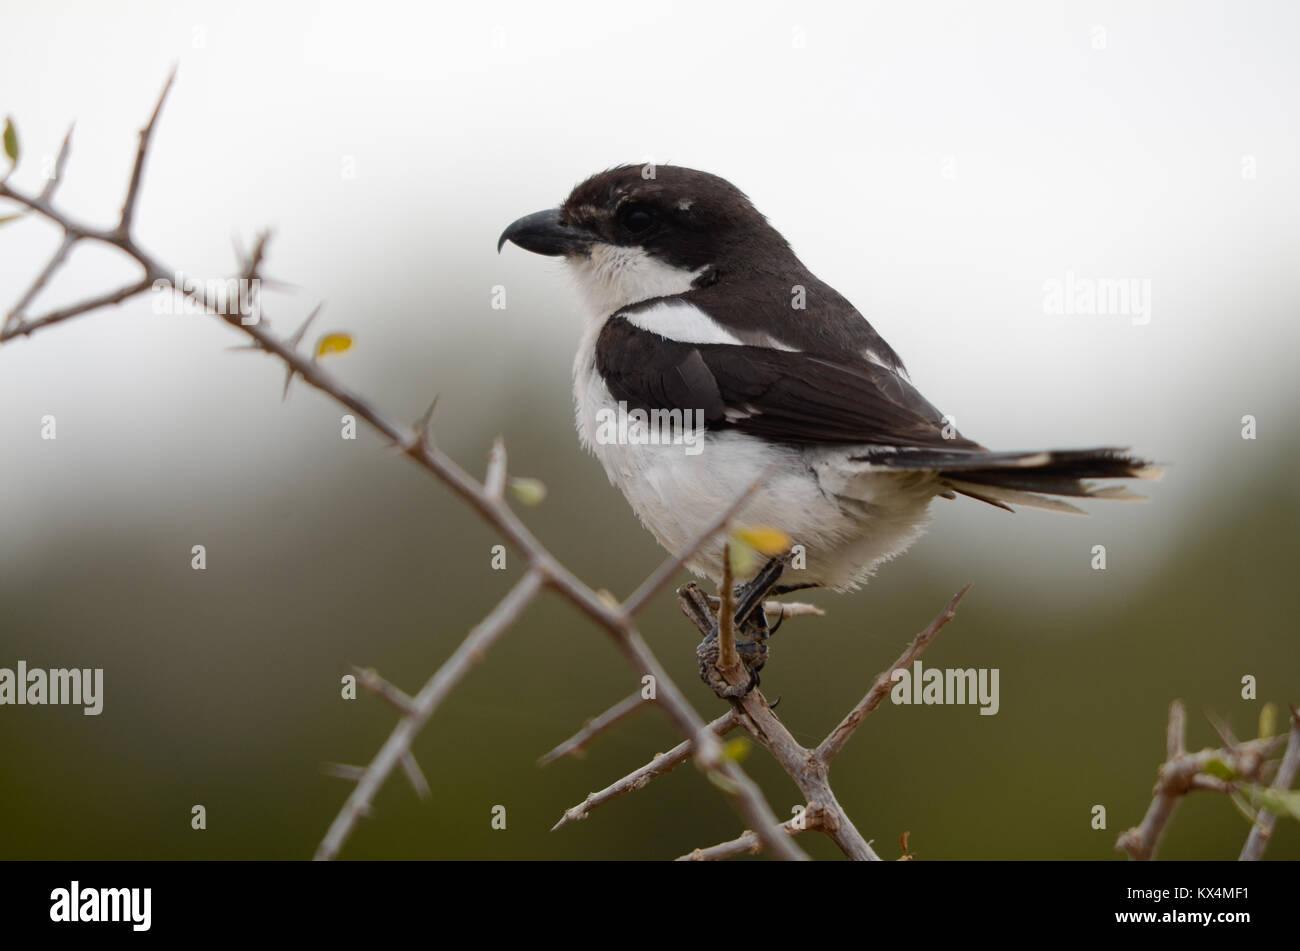 Einen Kleinen Schwarzen Und Weißen Vogel Mit Einem Haken Schnabel